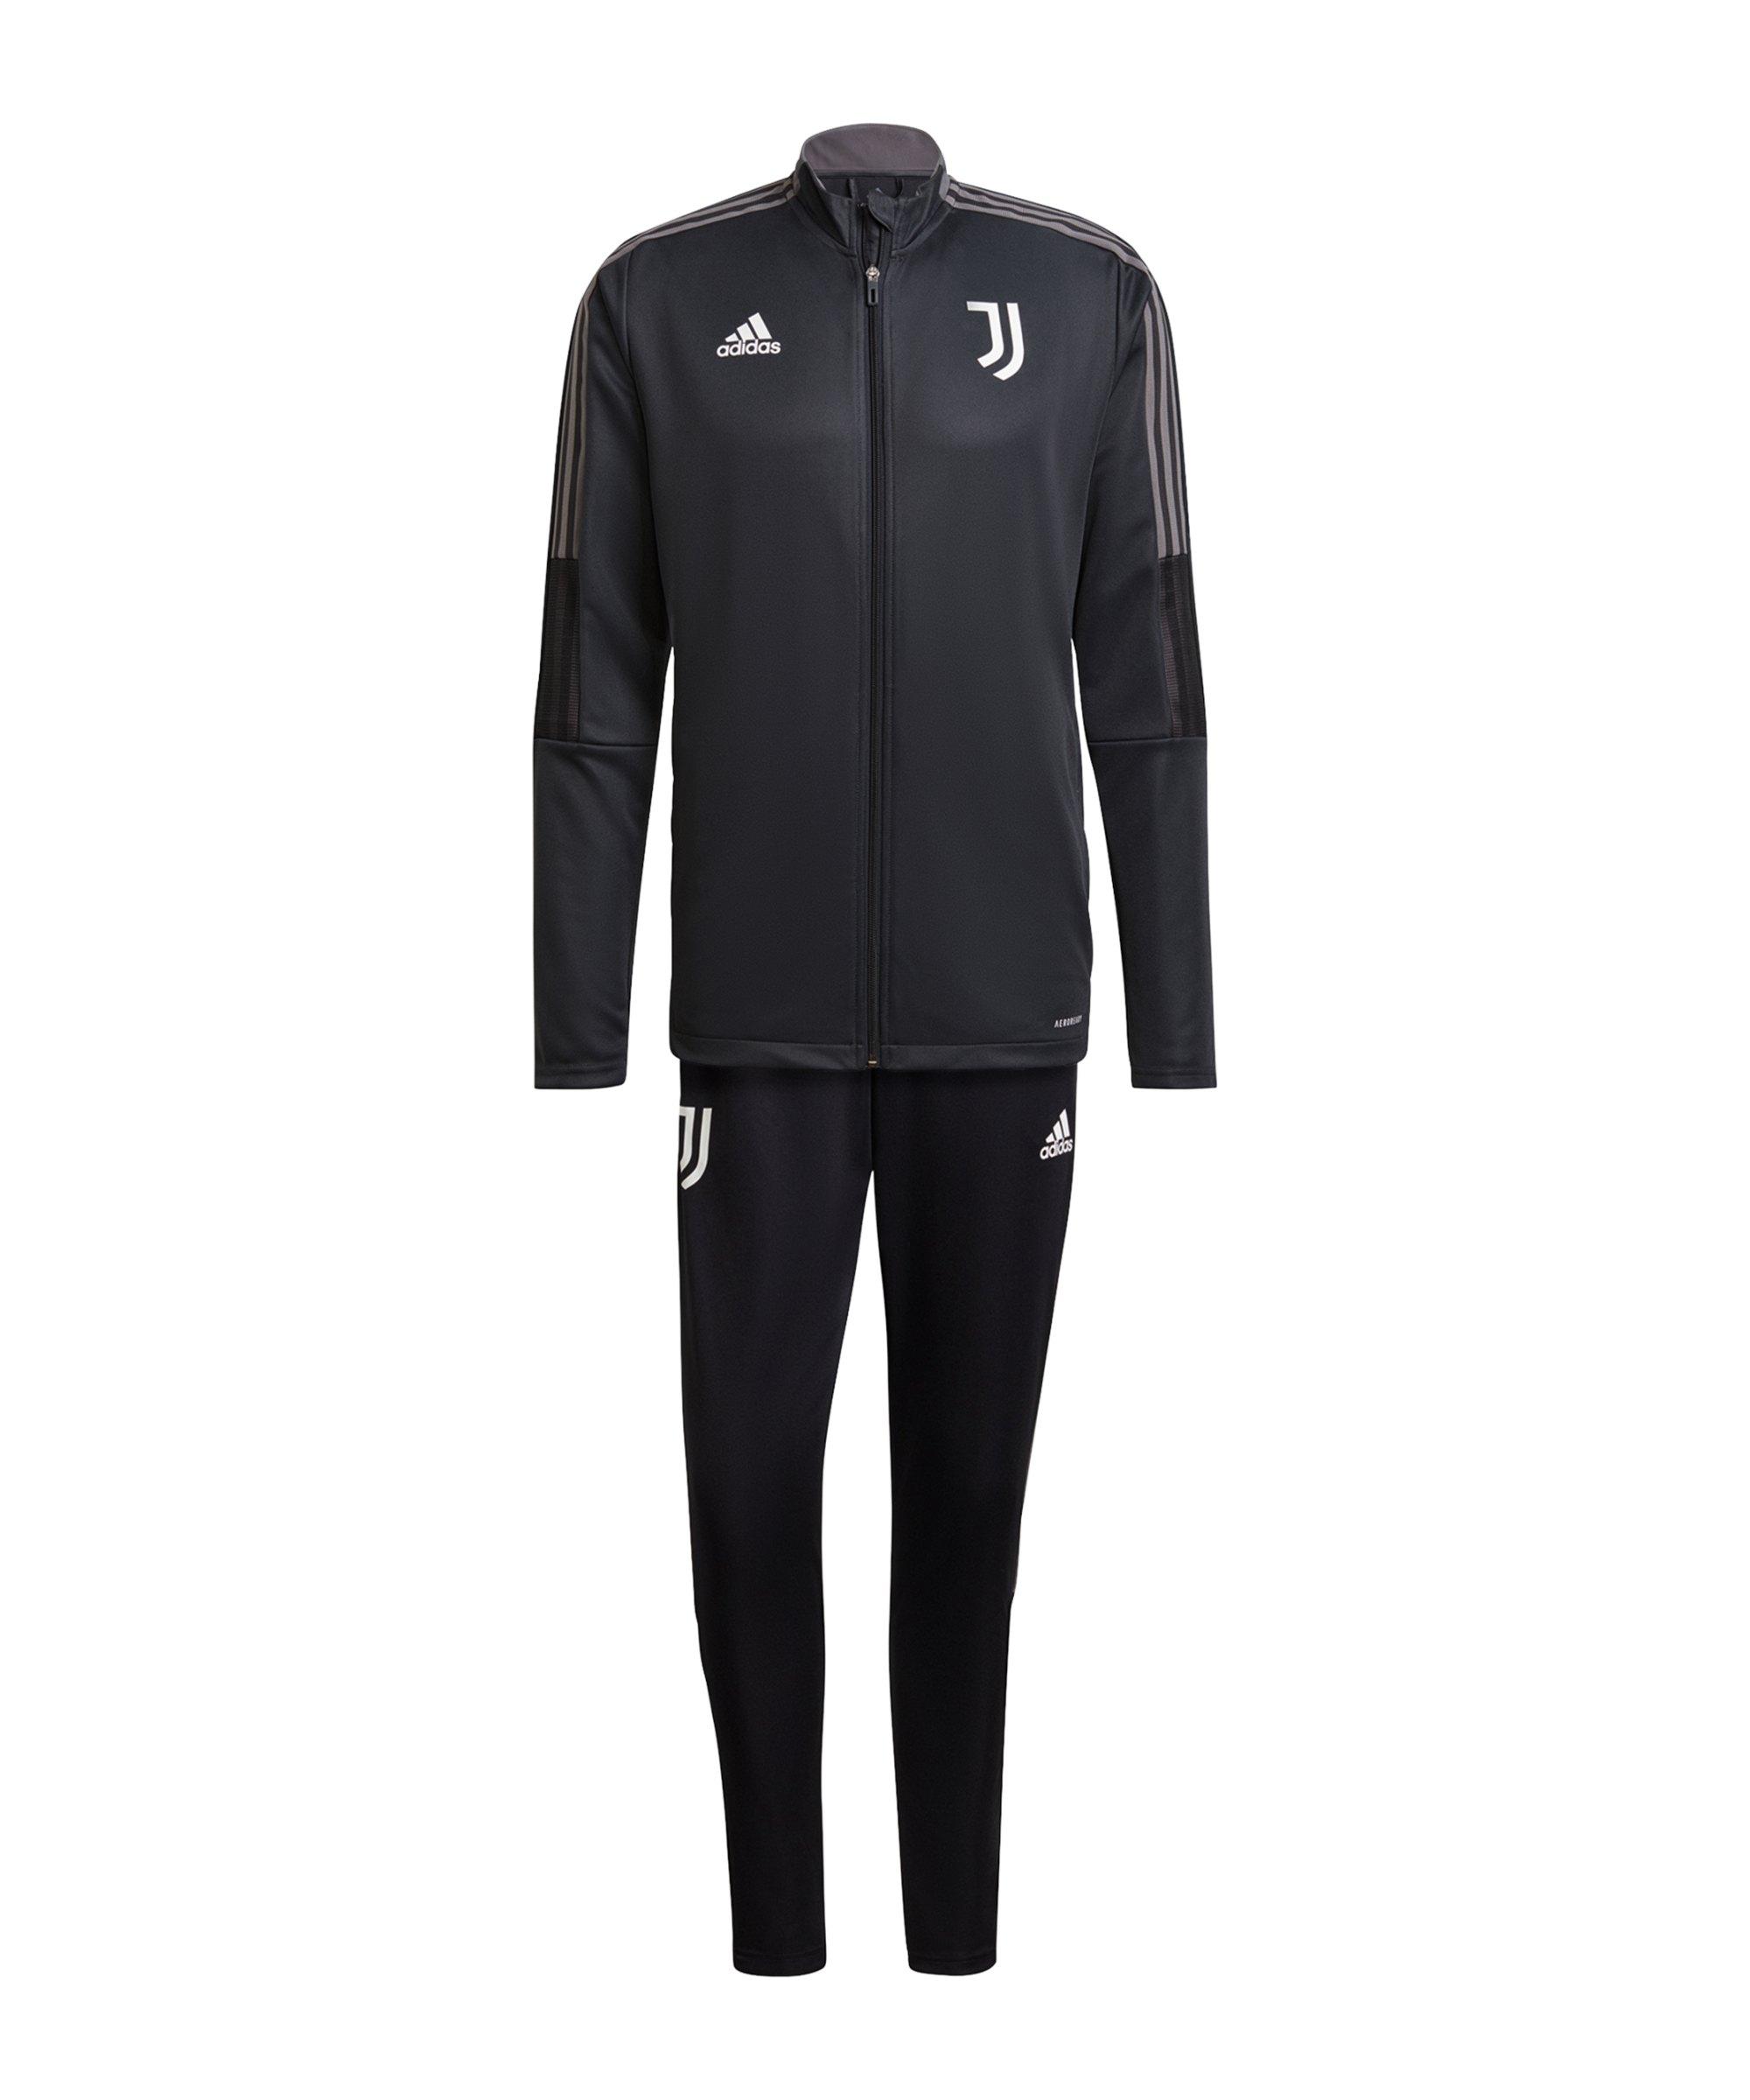 adidas Juventus Turin Trainingsanzug Grau - grau